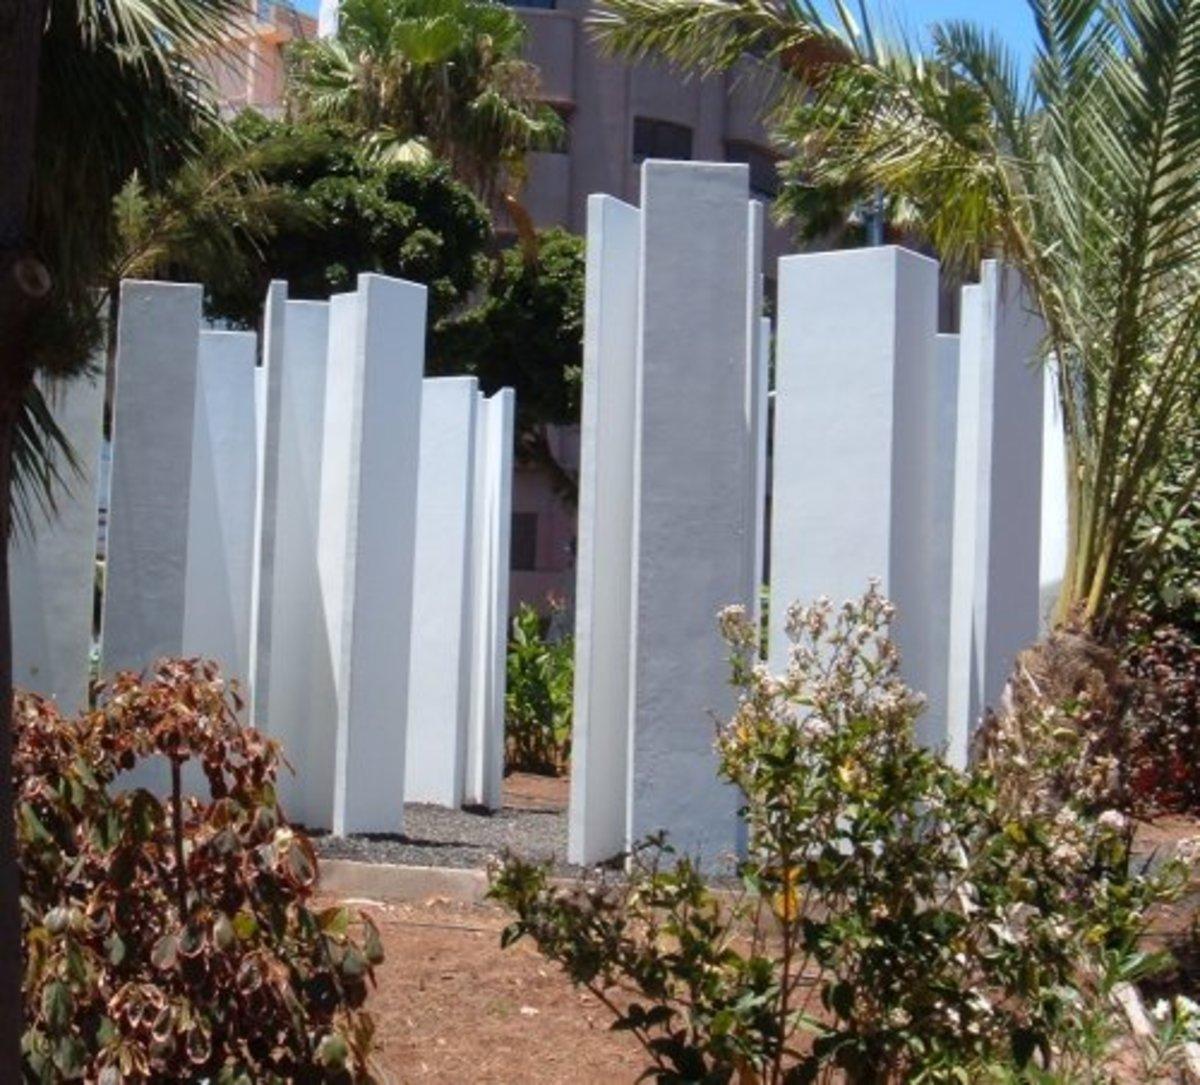 Monoliths in Parque García Sanabria